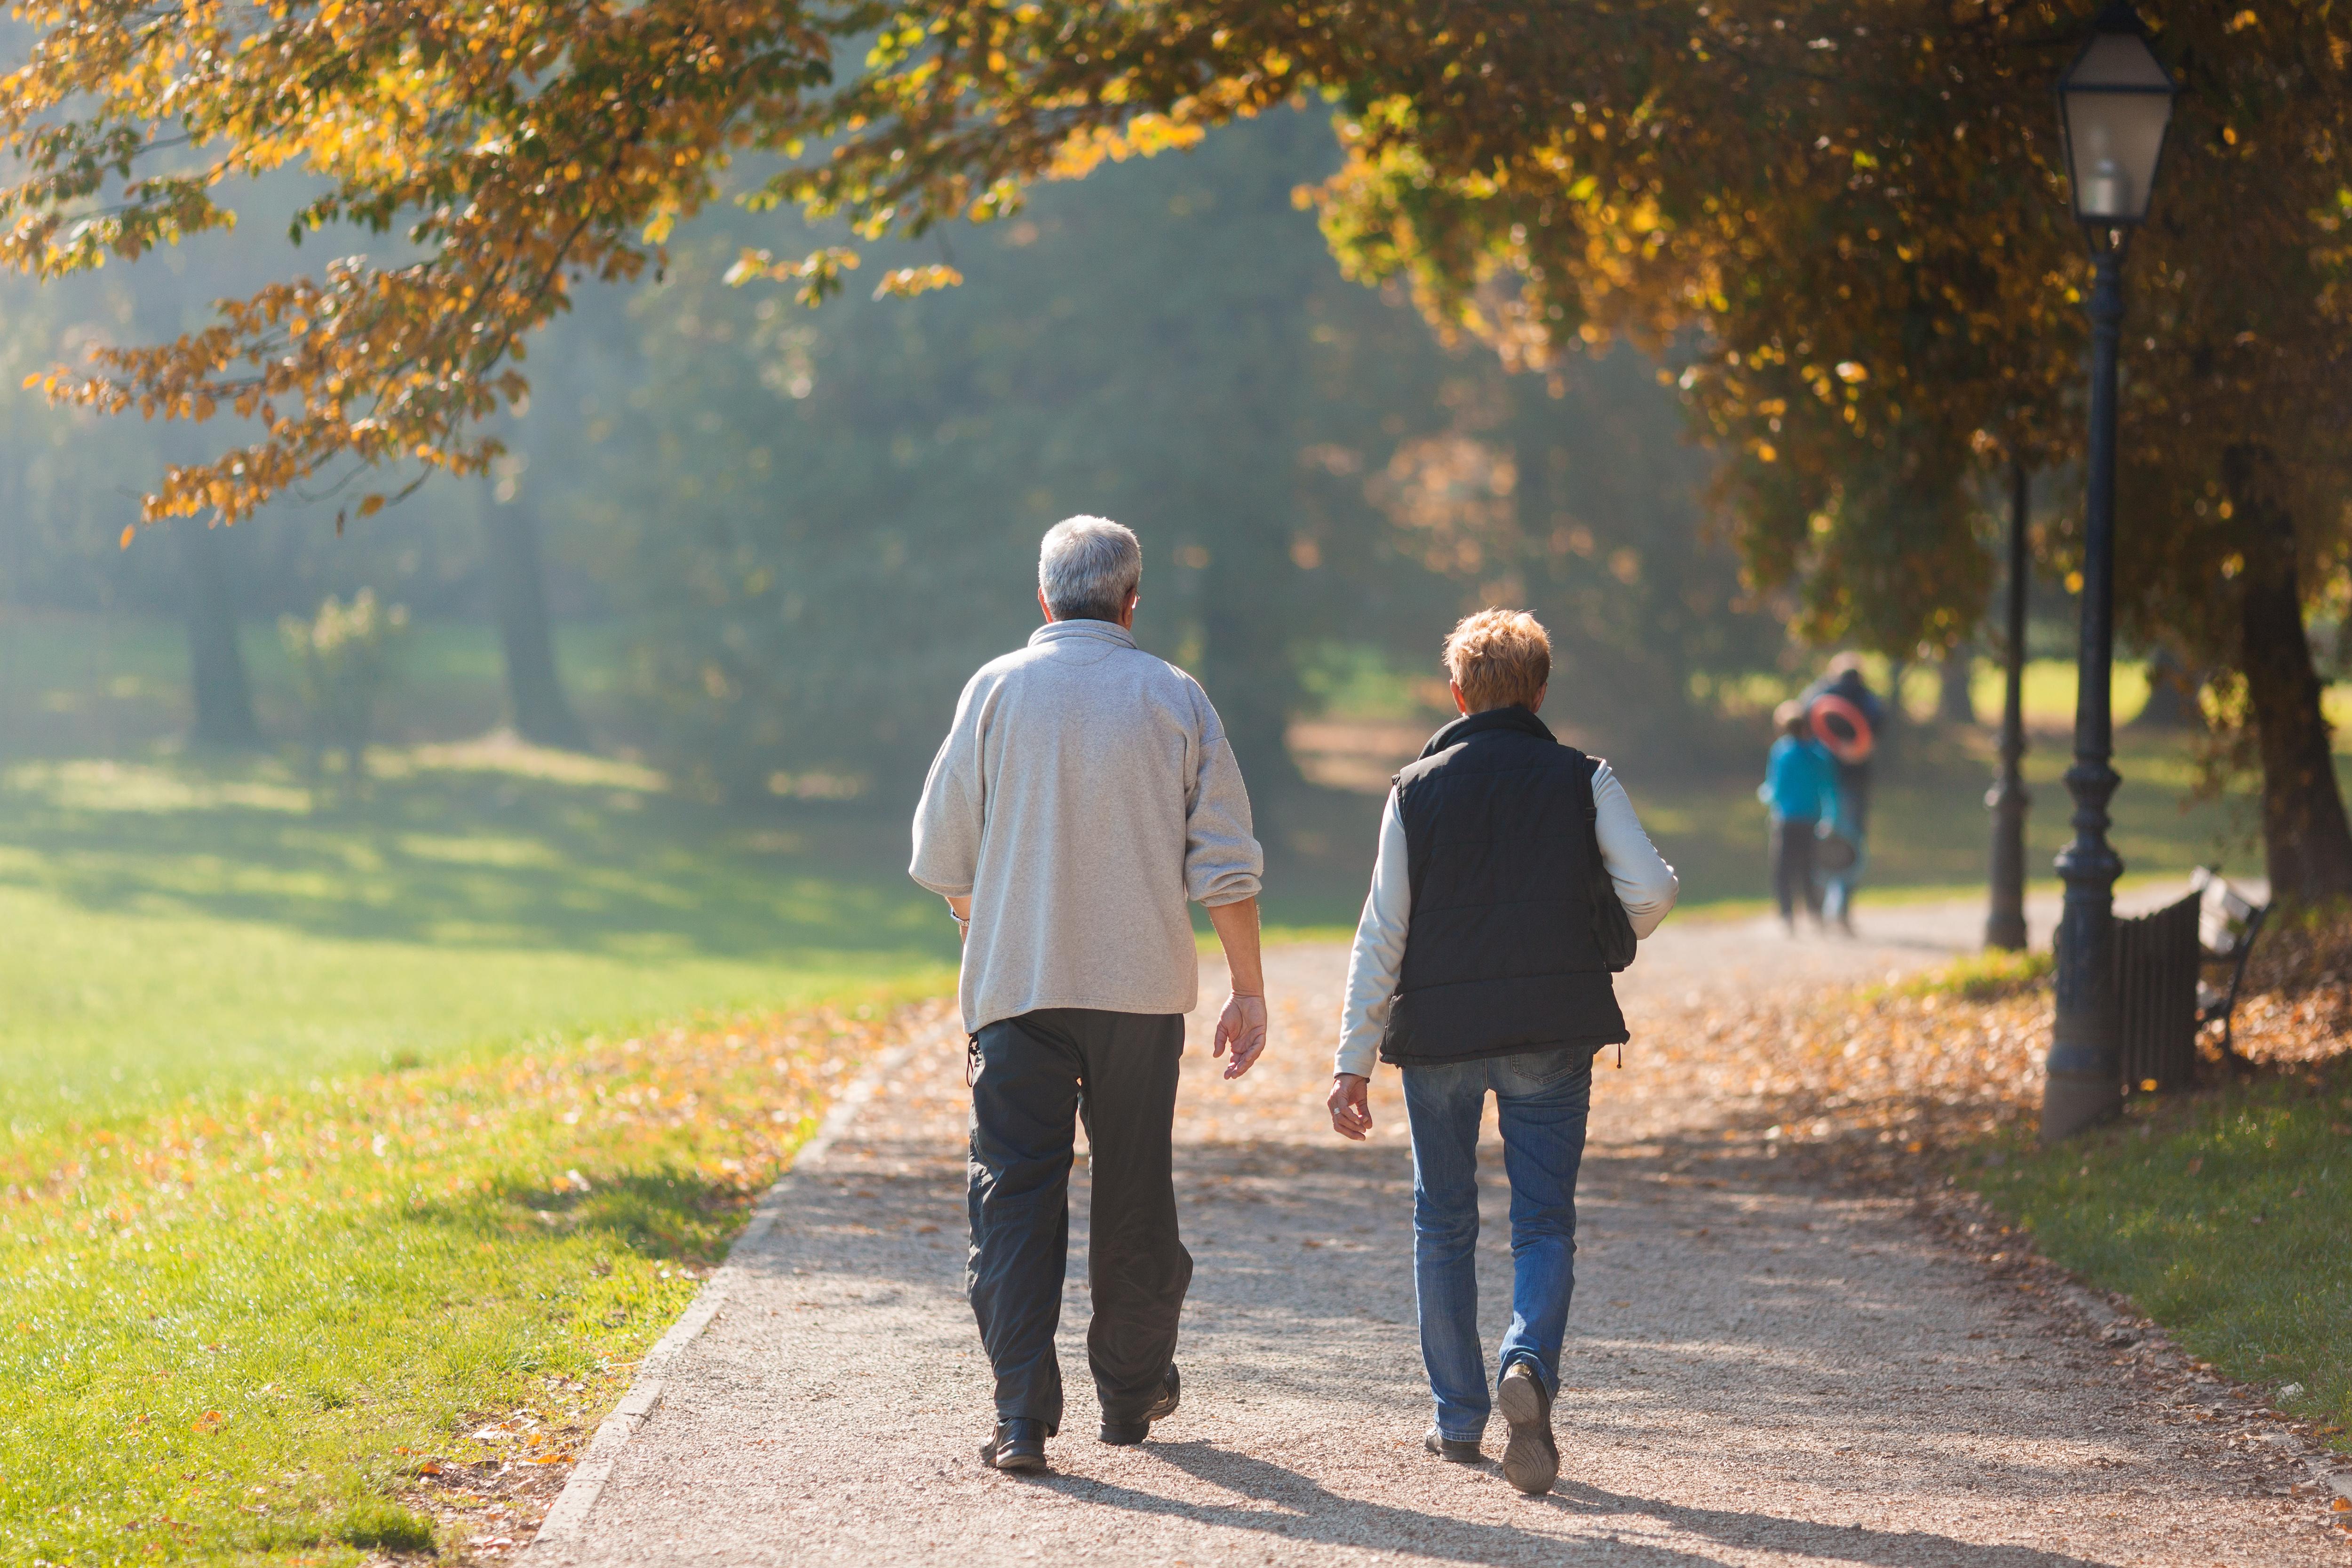 Le principe d'un entraînement par intervalles, avec de courtes séances plus intenses, s'applique aussi, avec bénéfice, à la marche, en particulier chez les personnes âgées.